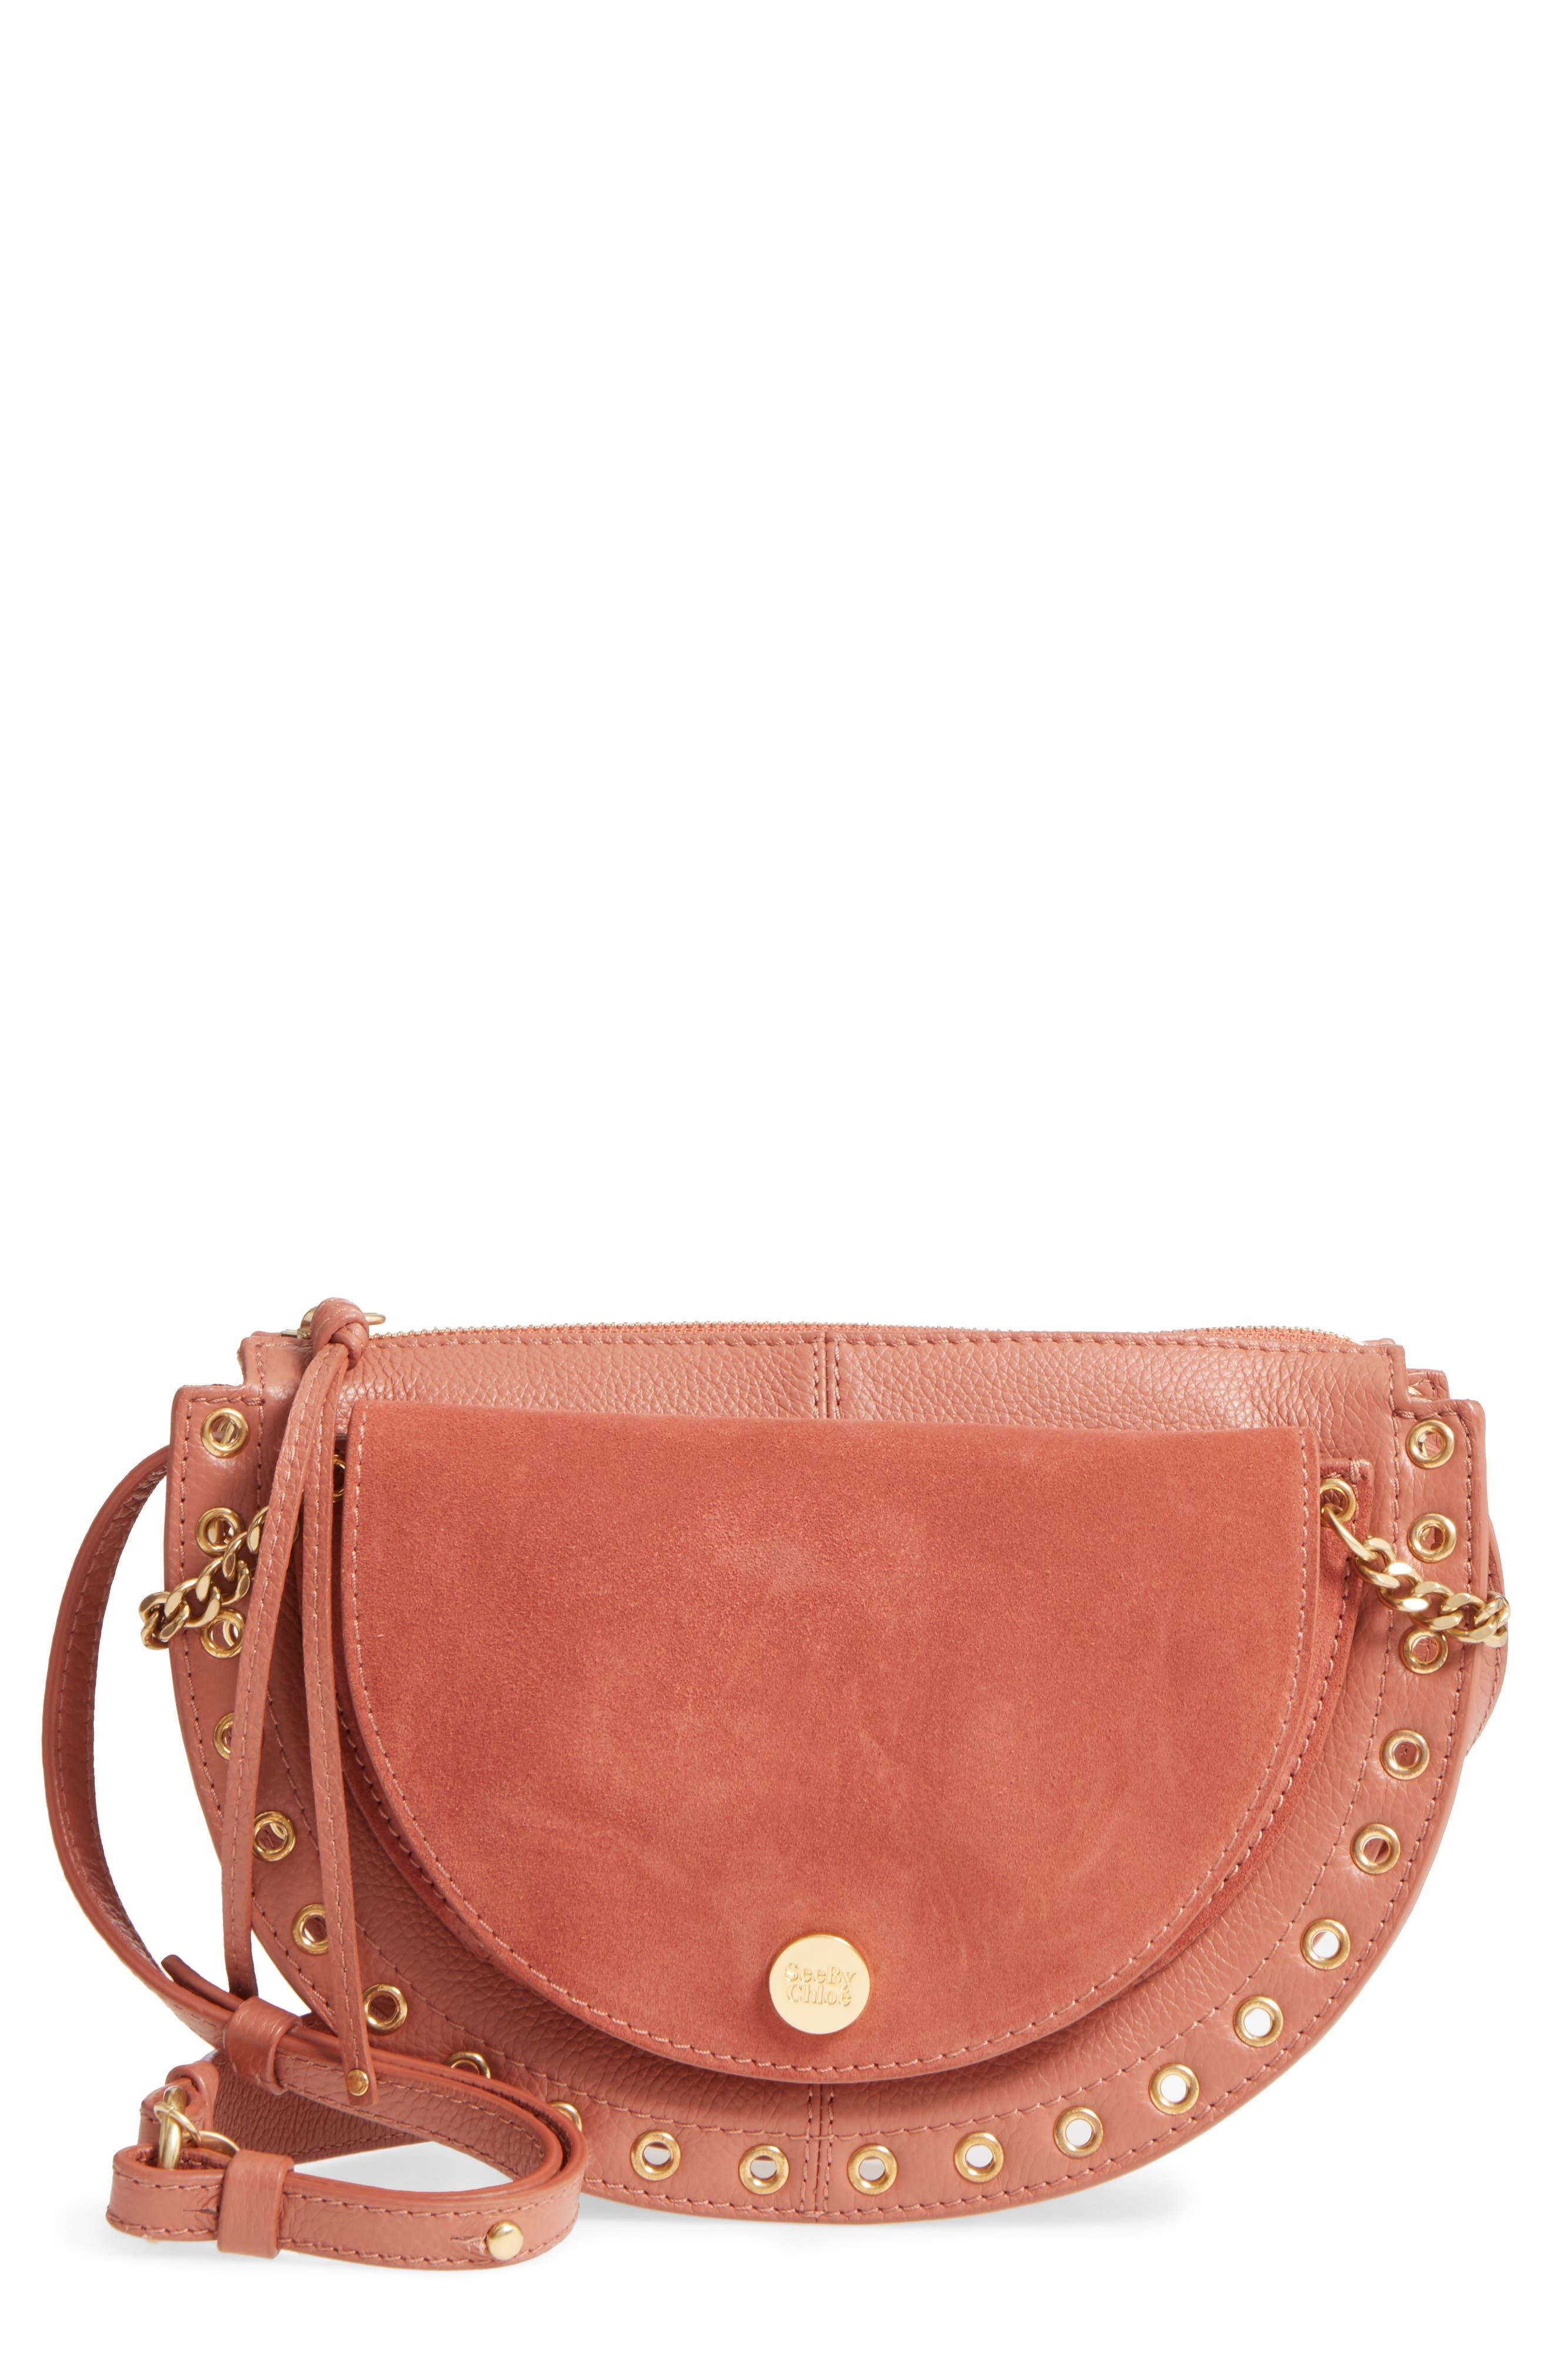 Kriss Leather & Suede Grommet Shoulder Bag,                             Main thumbnail 1, color,                             Cheek